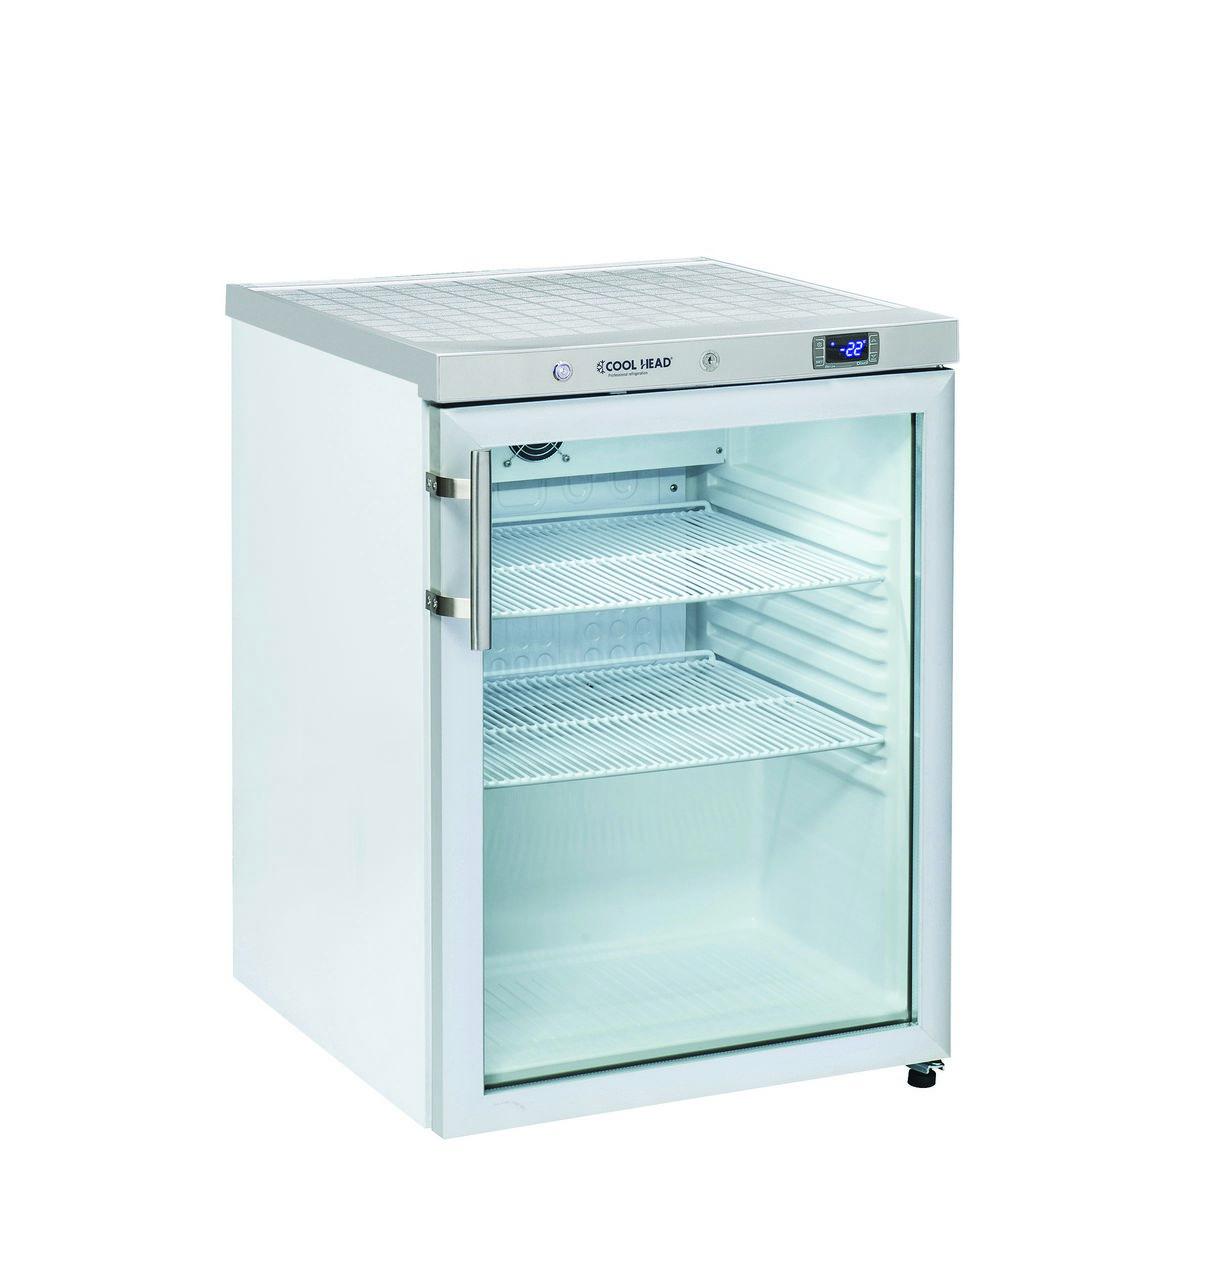 200 literes hűtő, ventilációs hűtéssel, üveg ajtóval, fehér